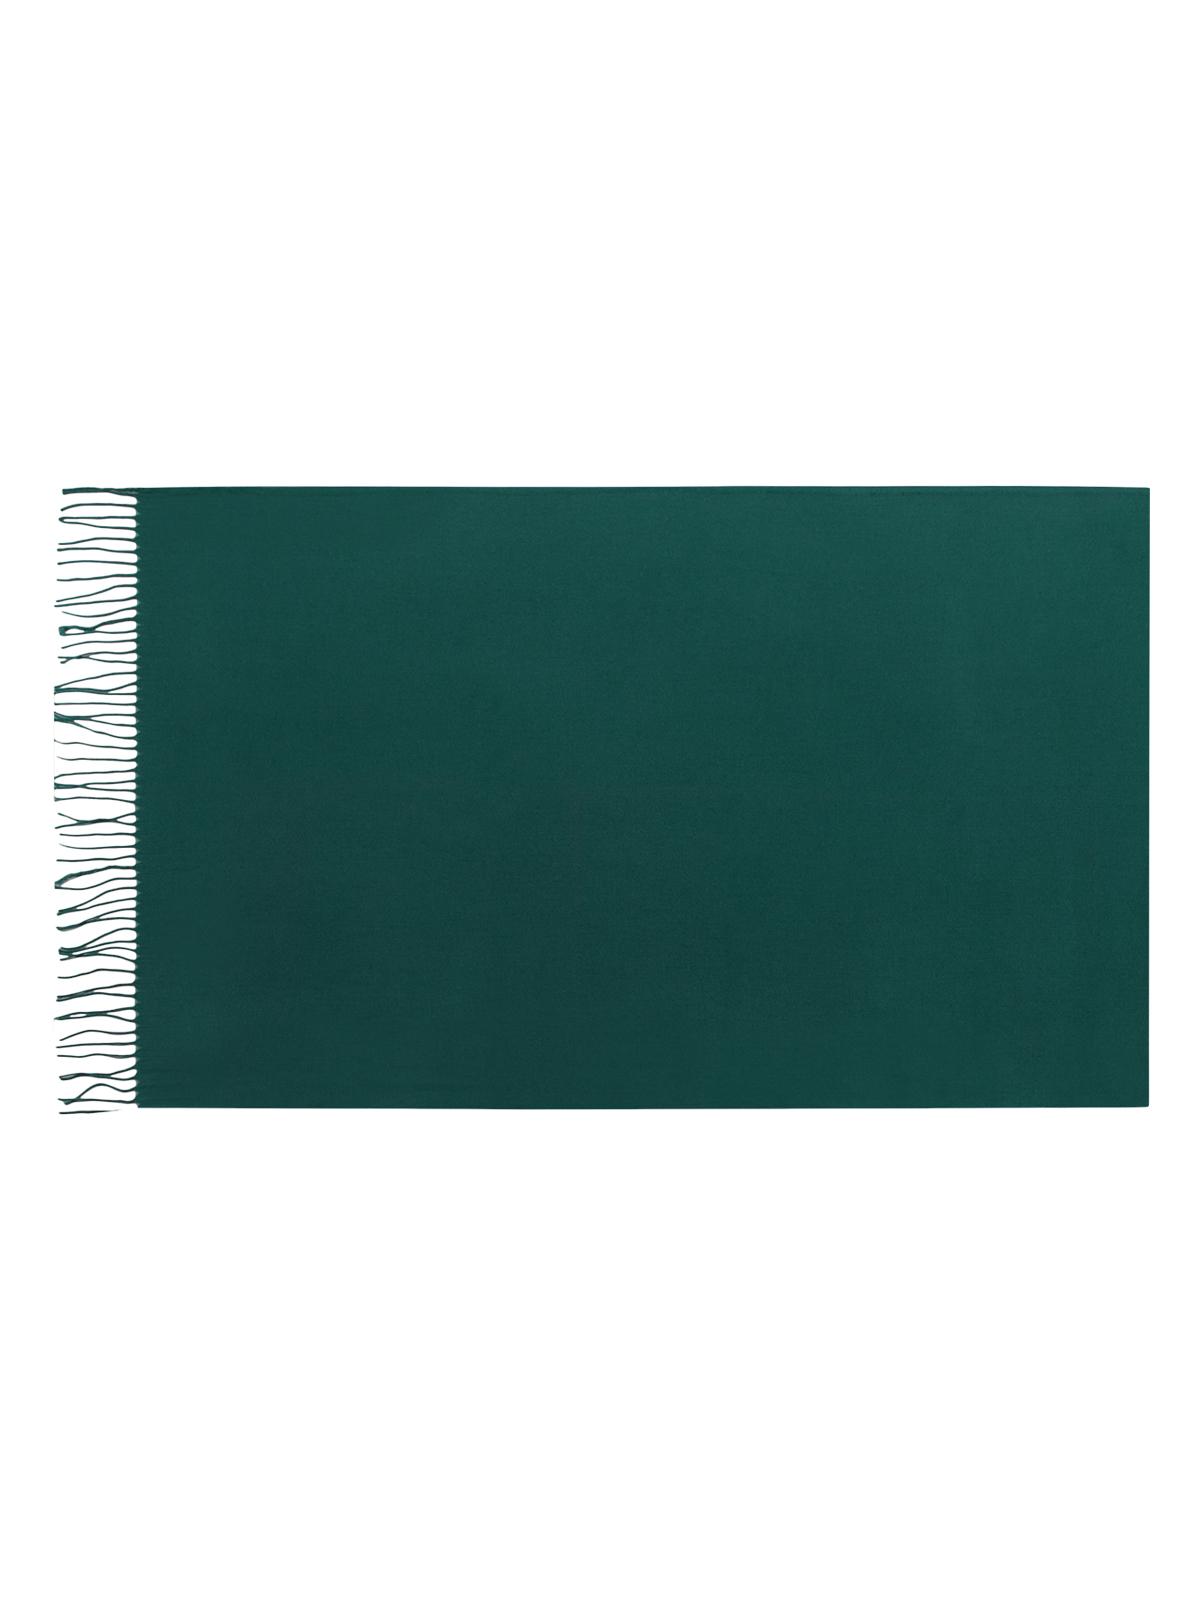 Палантин Eleganzza, цвет: зеленый. SZ23-0629. Размер 60 см х 180 смSZ23-0629Теплый палантин Eleganzza, изготовленный из хлопка с добавлением шерсти, мягкий и приятный на ощупь.Изделие выполнено в однотонном лаконичном цвете. По краям модель оформлена бахромой.